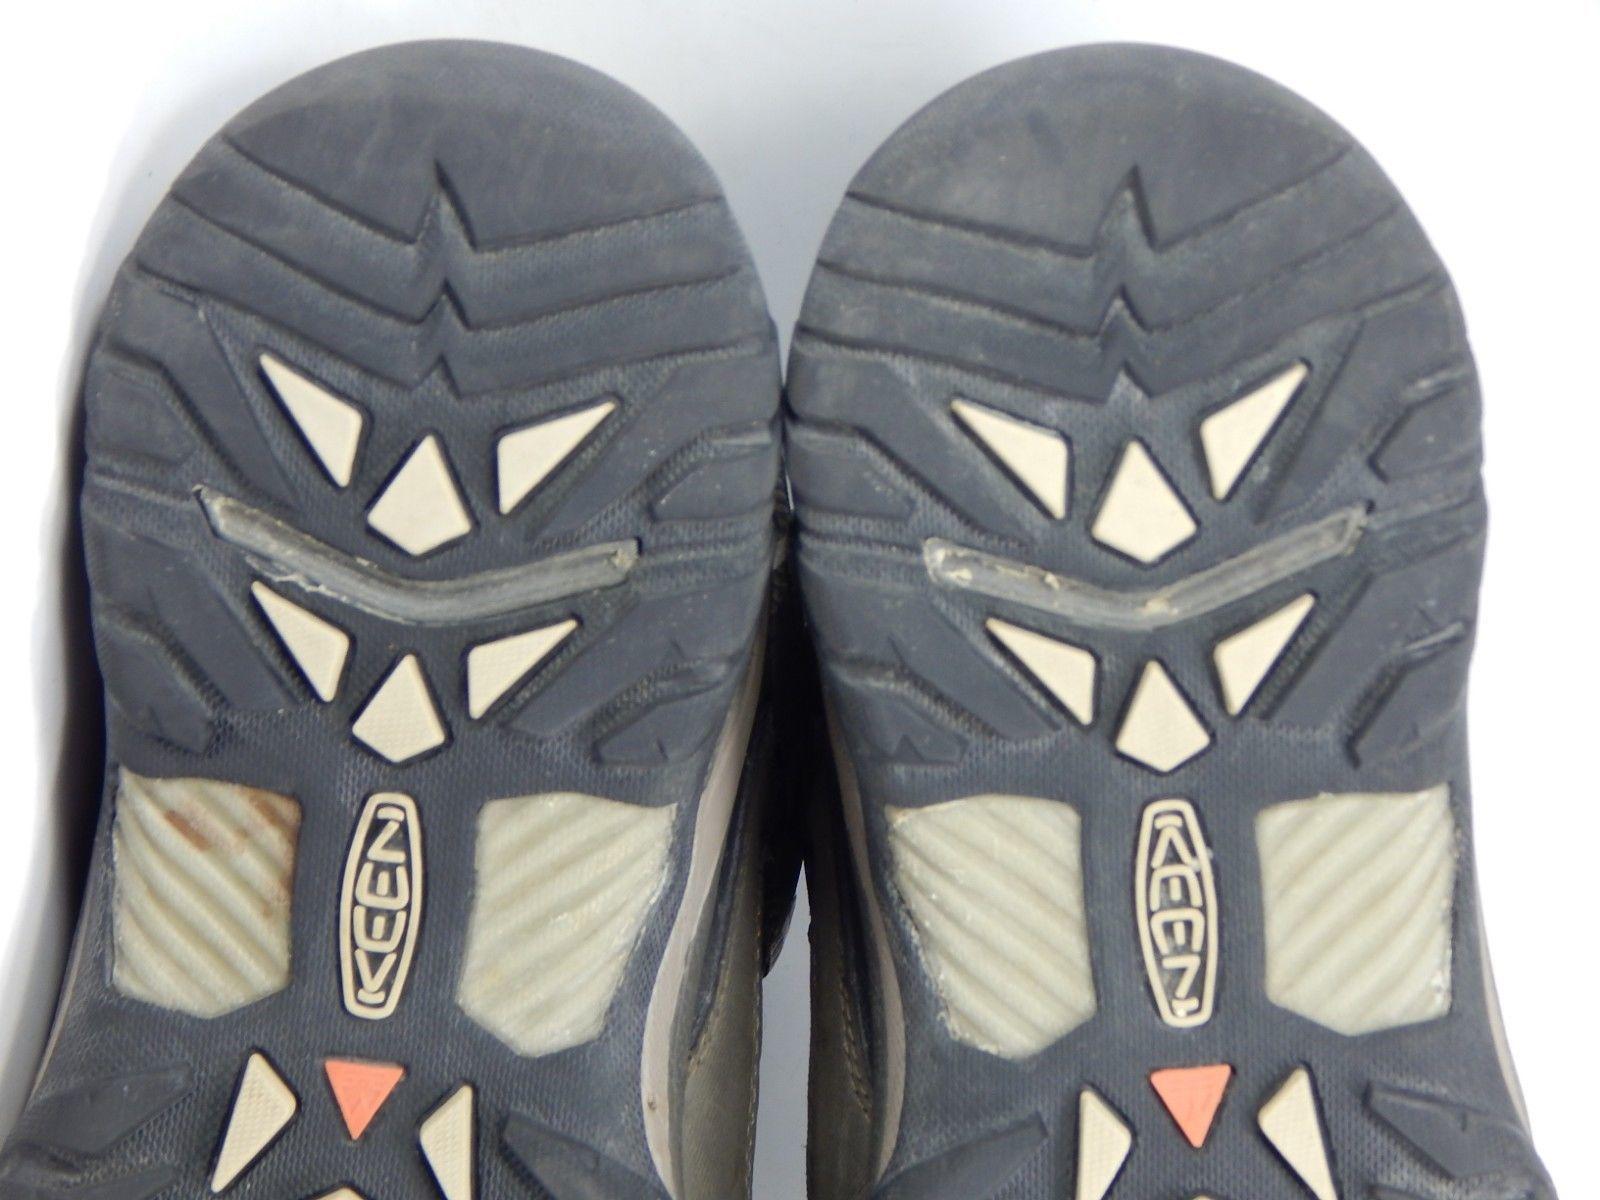 Keen Targhee III Low Top Sz 11 M (D) EU 44.5 Men's WP Trail Hiking Shoes 1017783